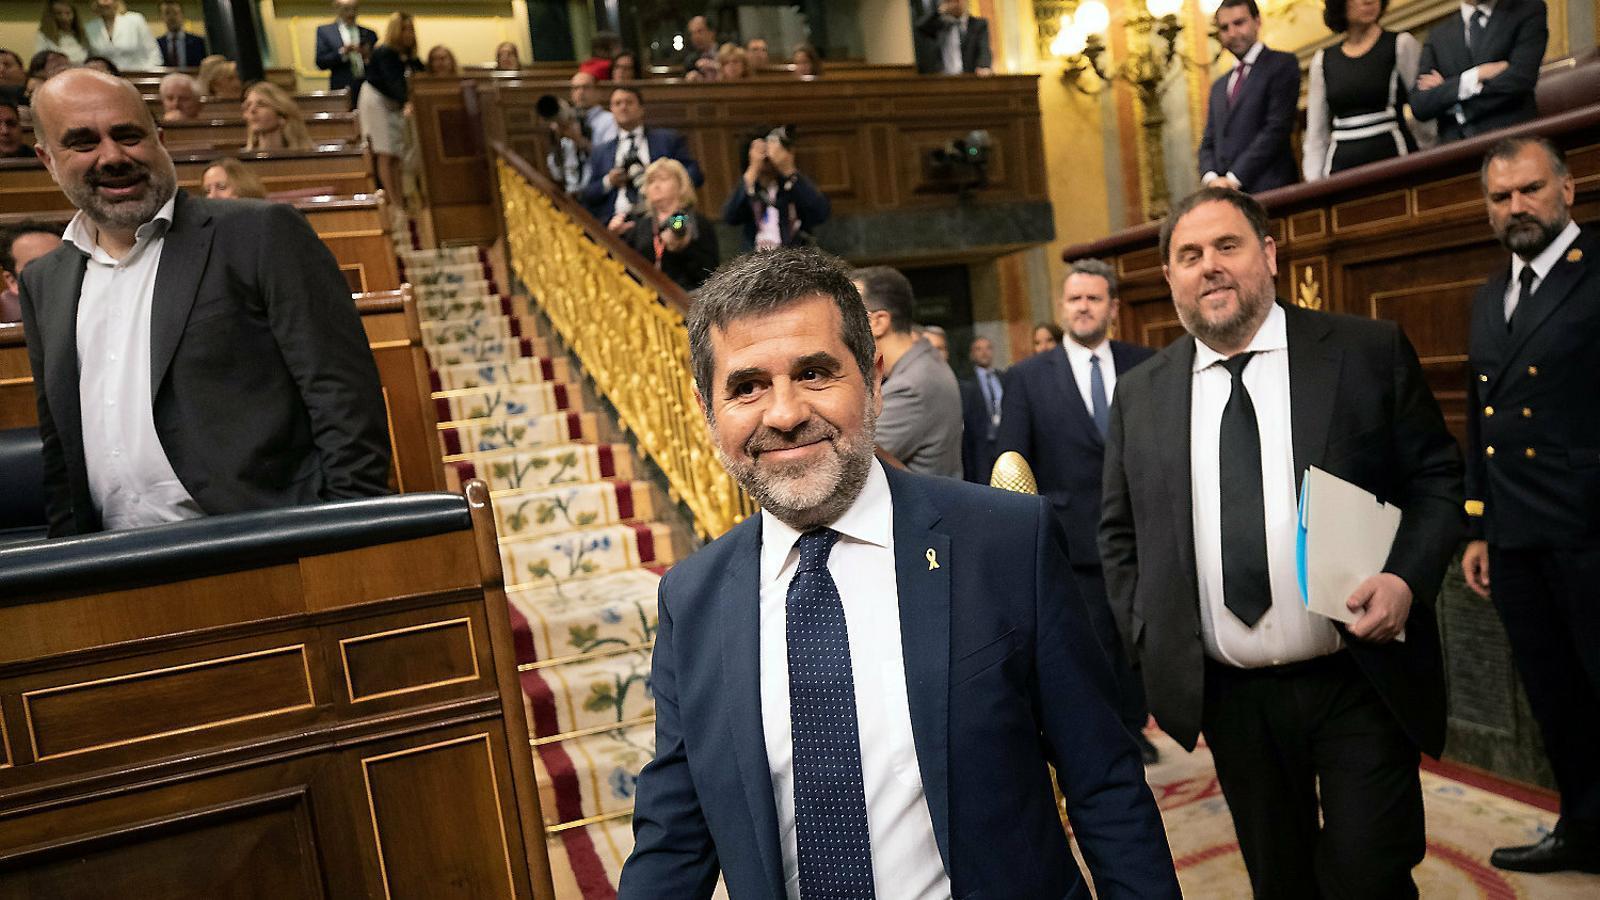 Batet guanya temps tornant la suspensió dels presos al Suprem